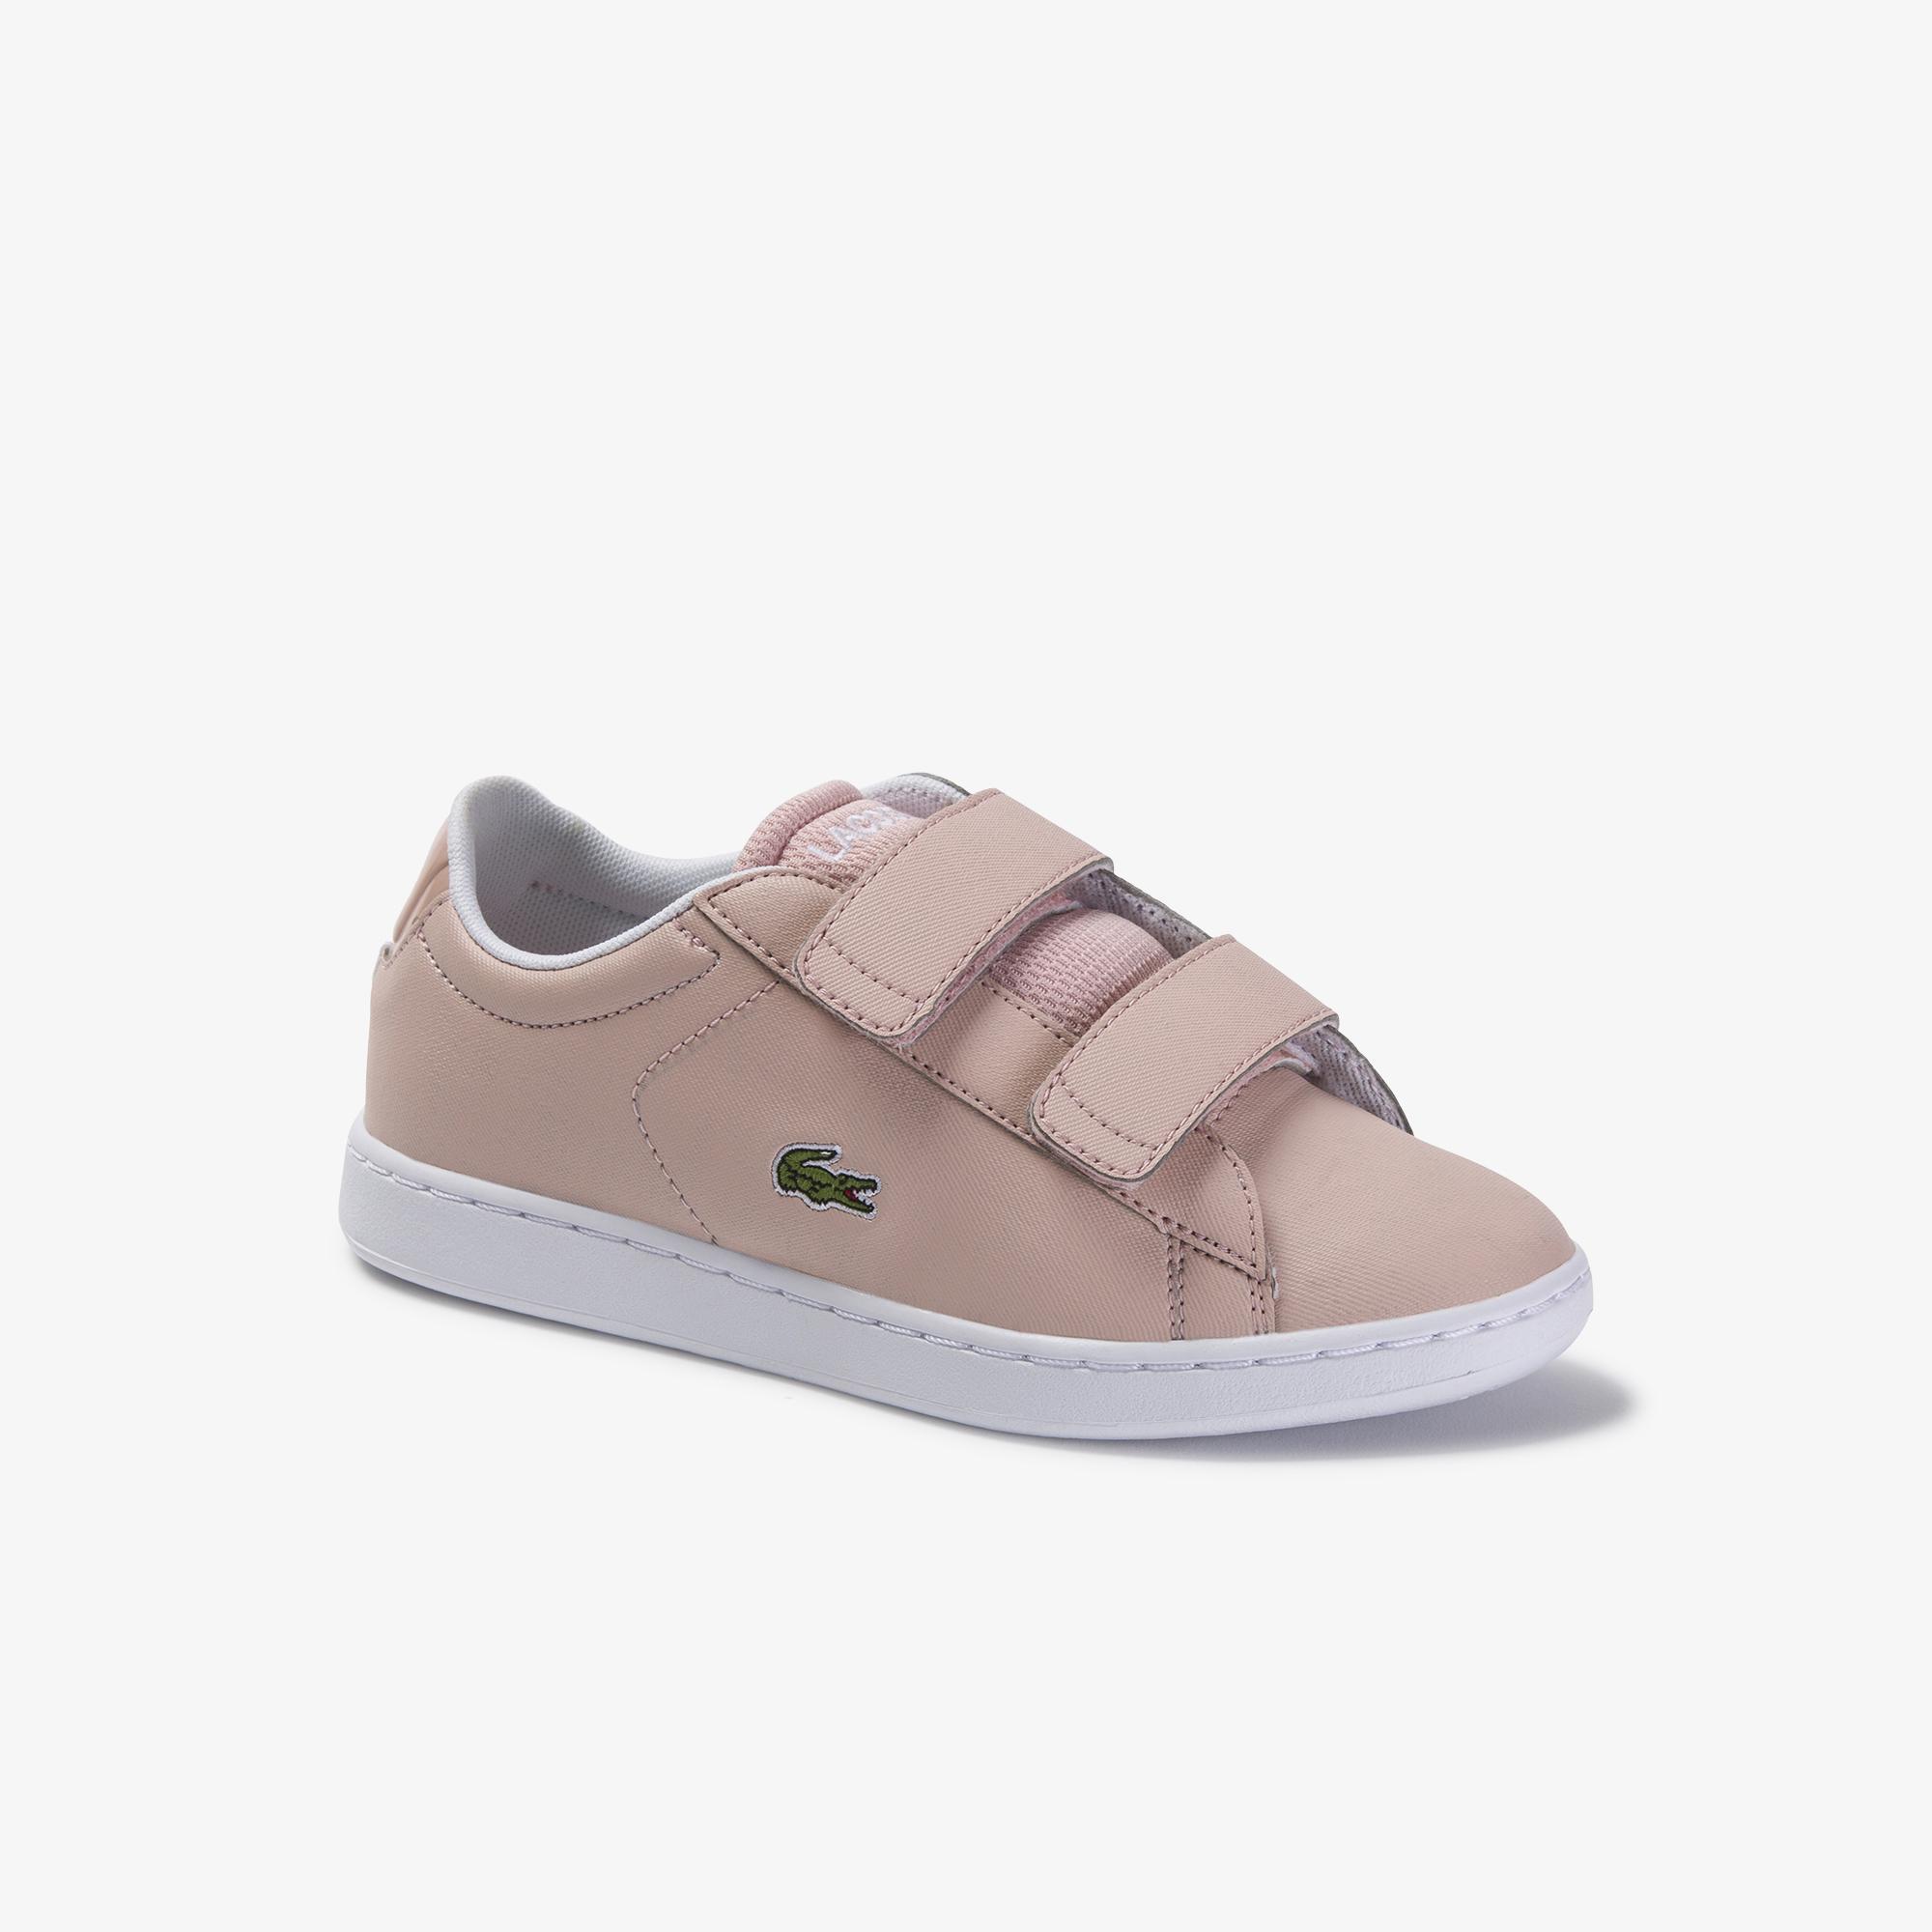 Lacoste кросівки дитячі Carnaby Evo